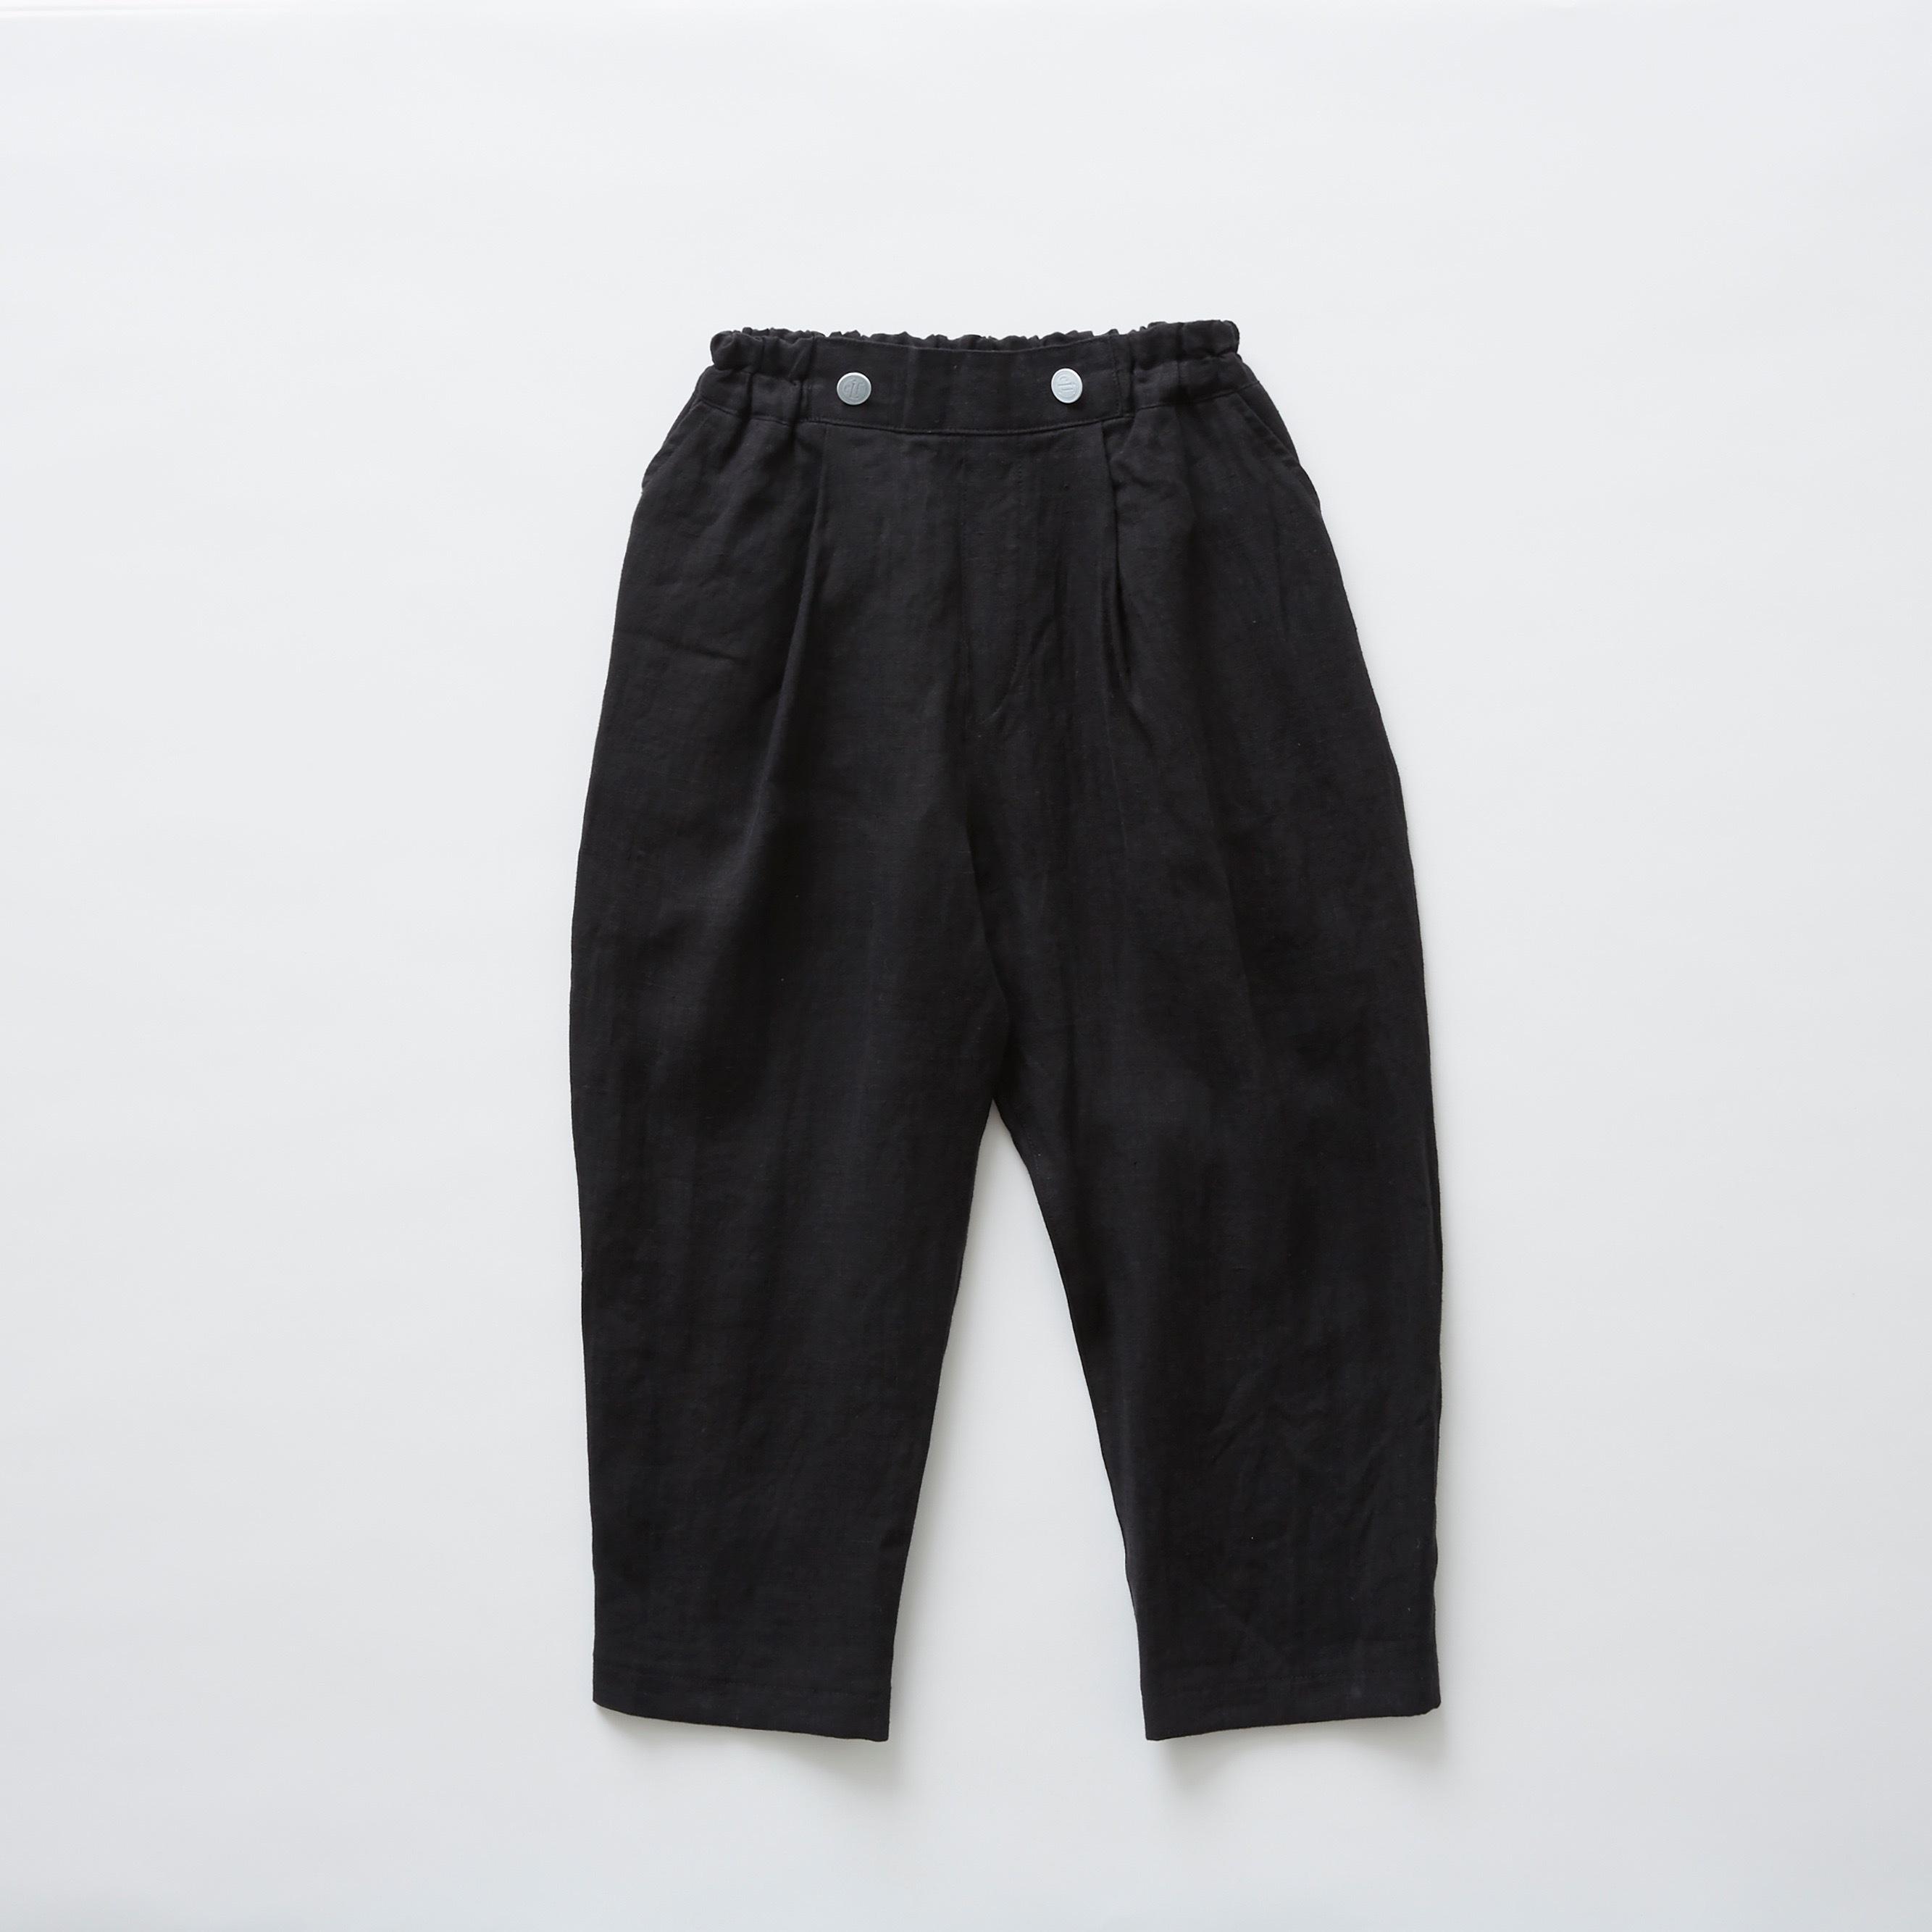 《eLfinFolk 2019SS》linen canvas pants / black / 80-100cm